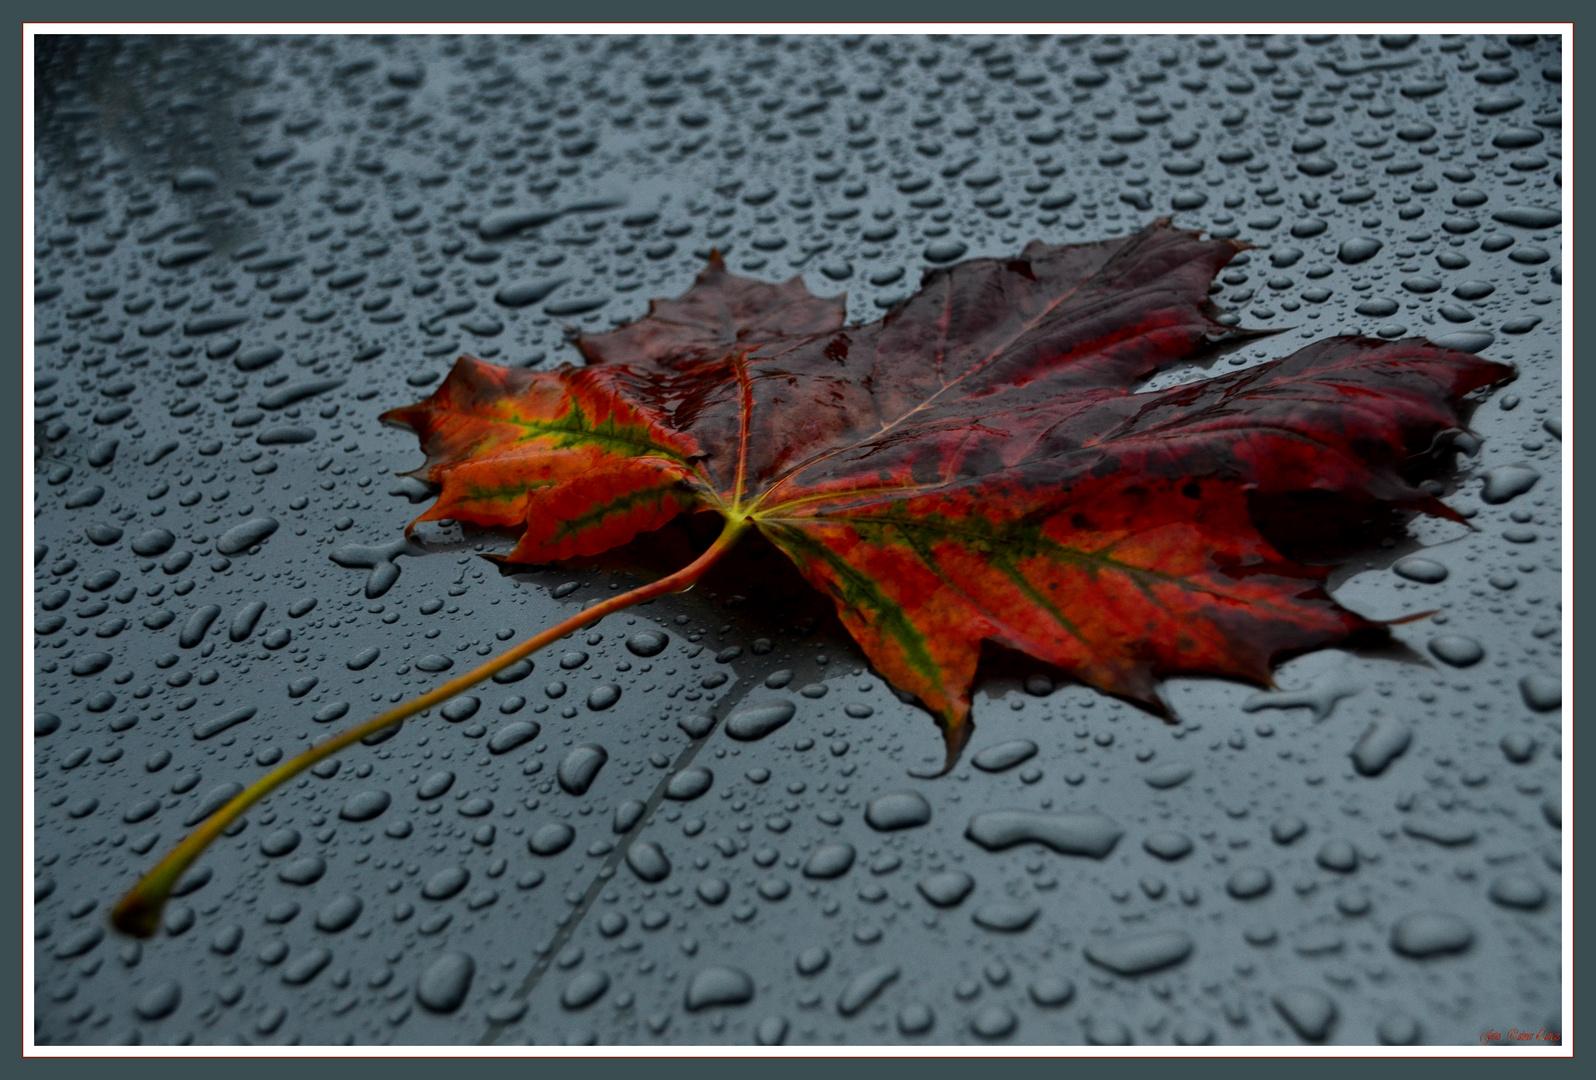 xxx_-O Herbst  O-_xxx